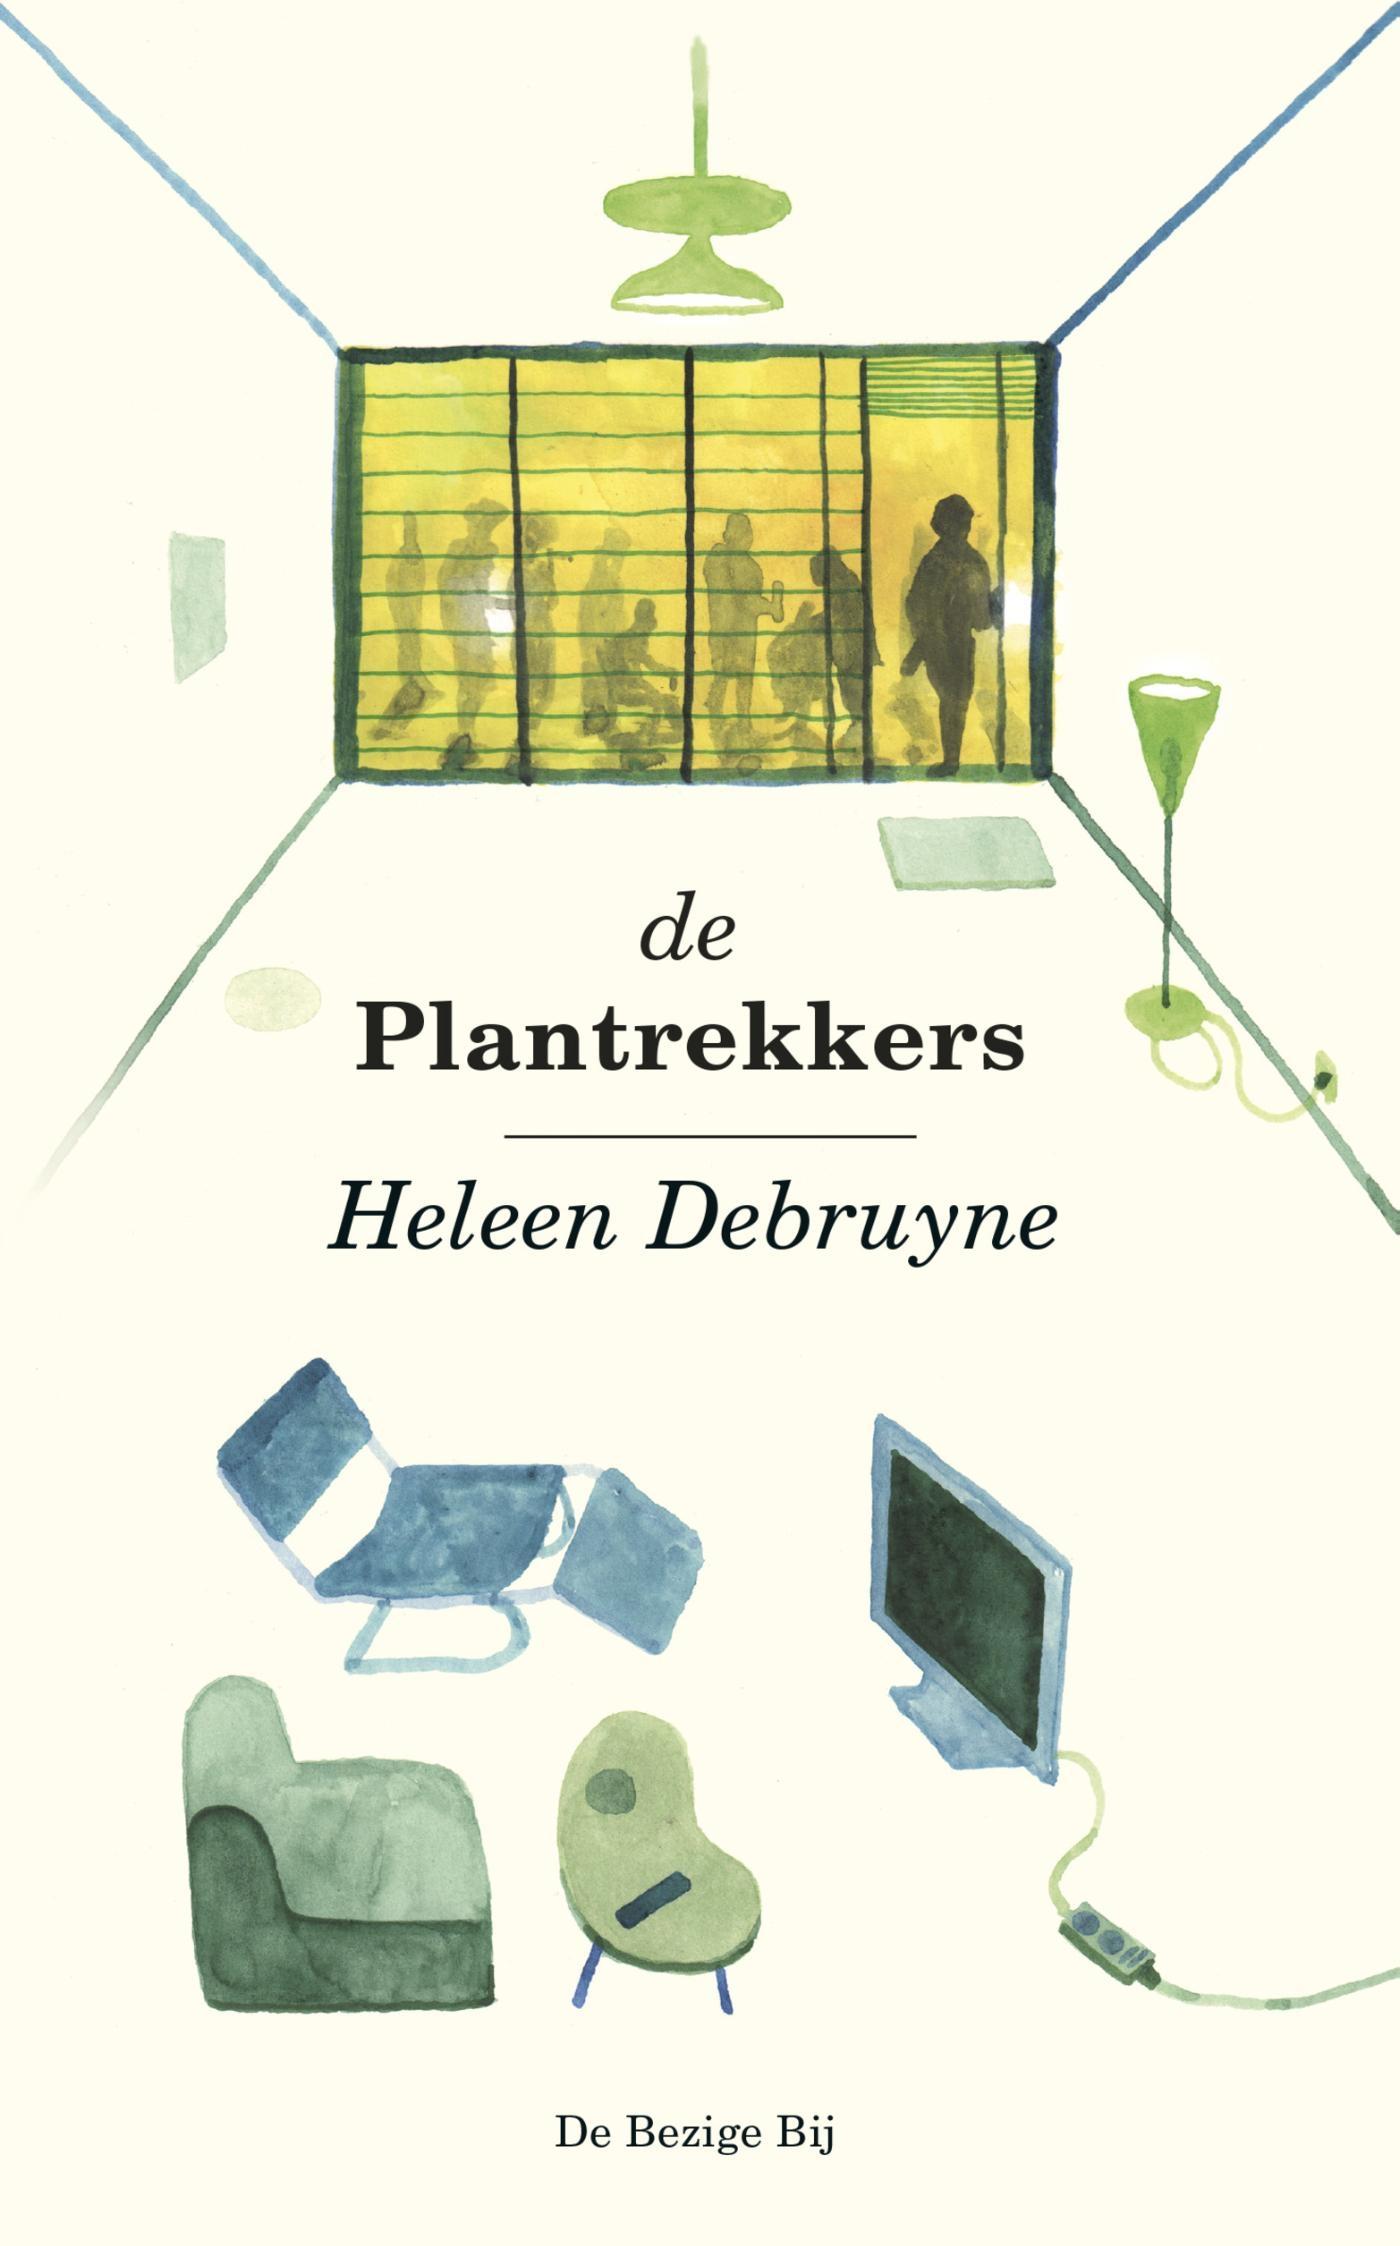 De plantrekkers – Heleen Debruyne